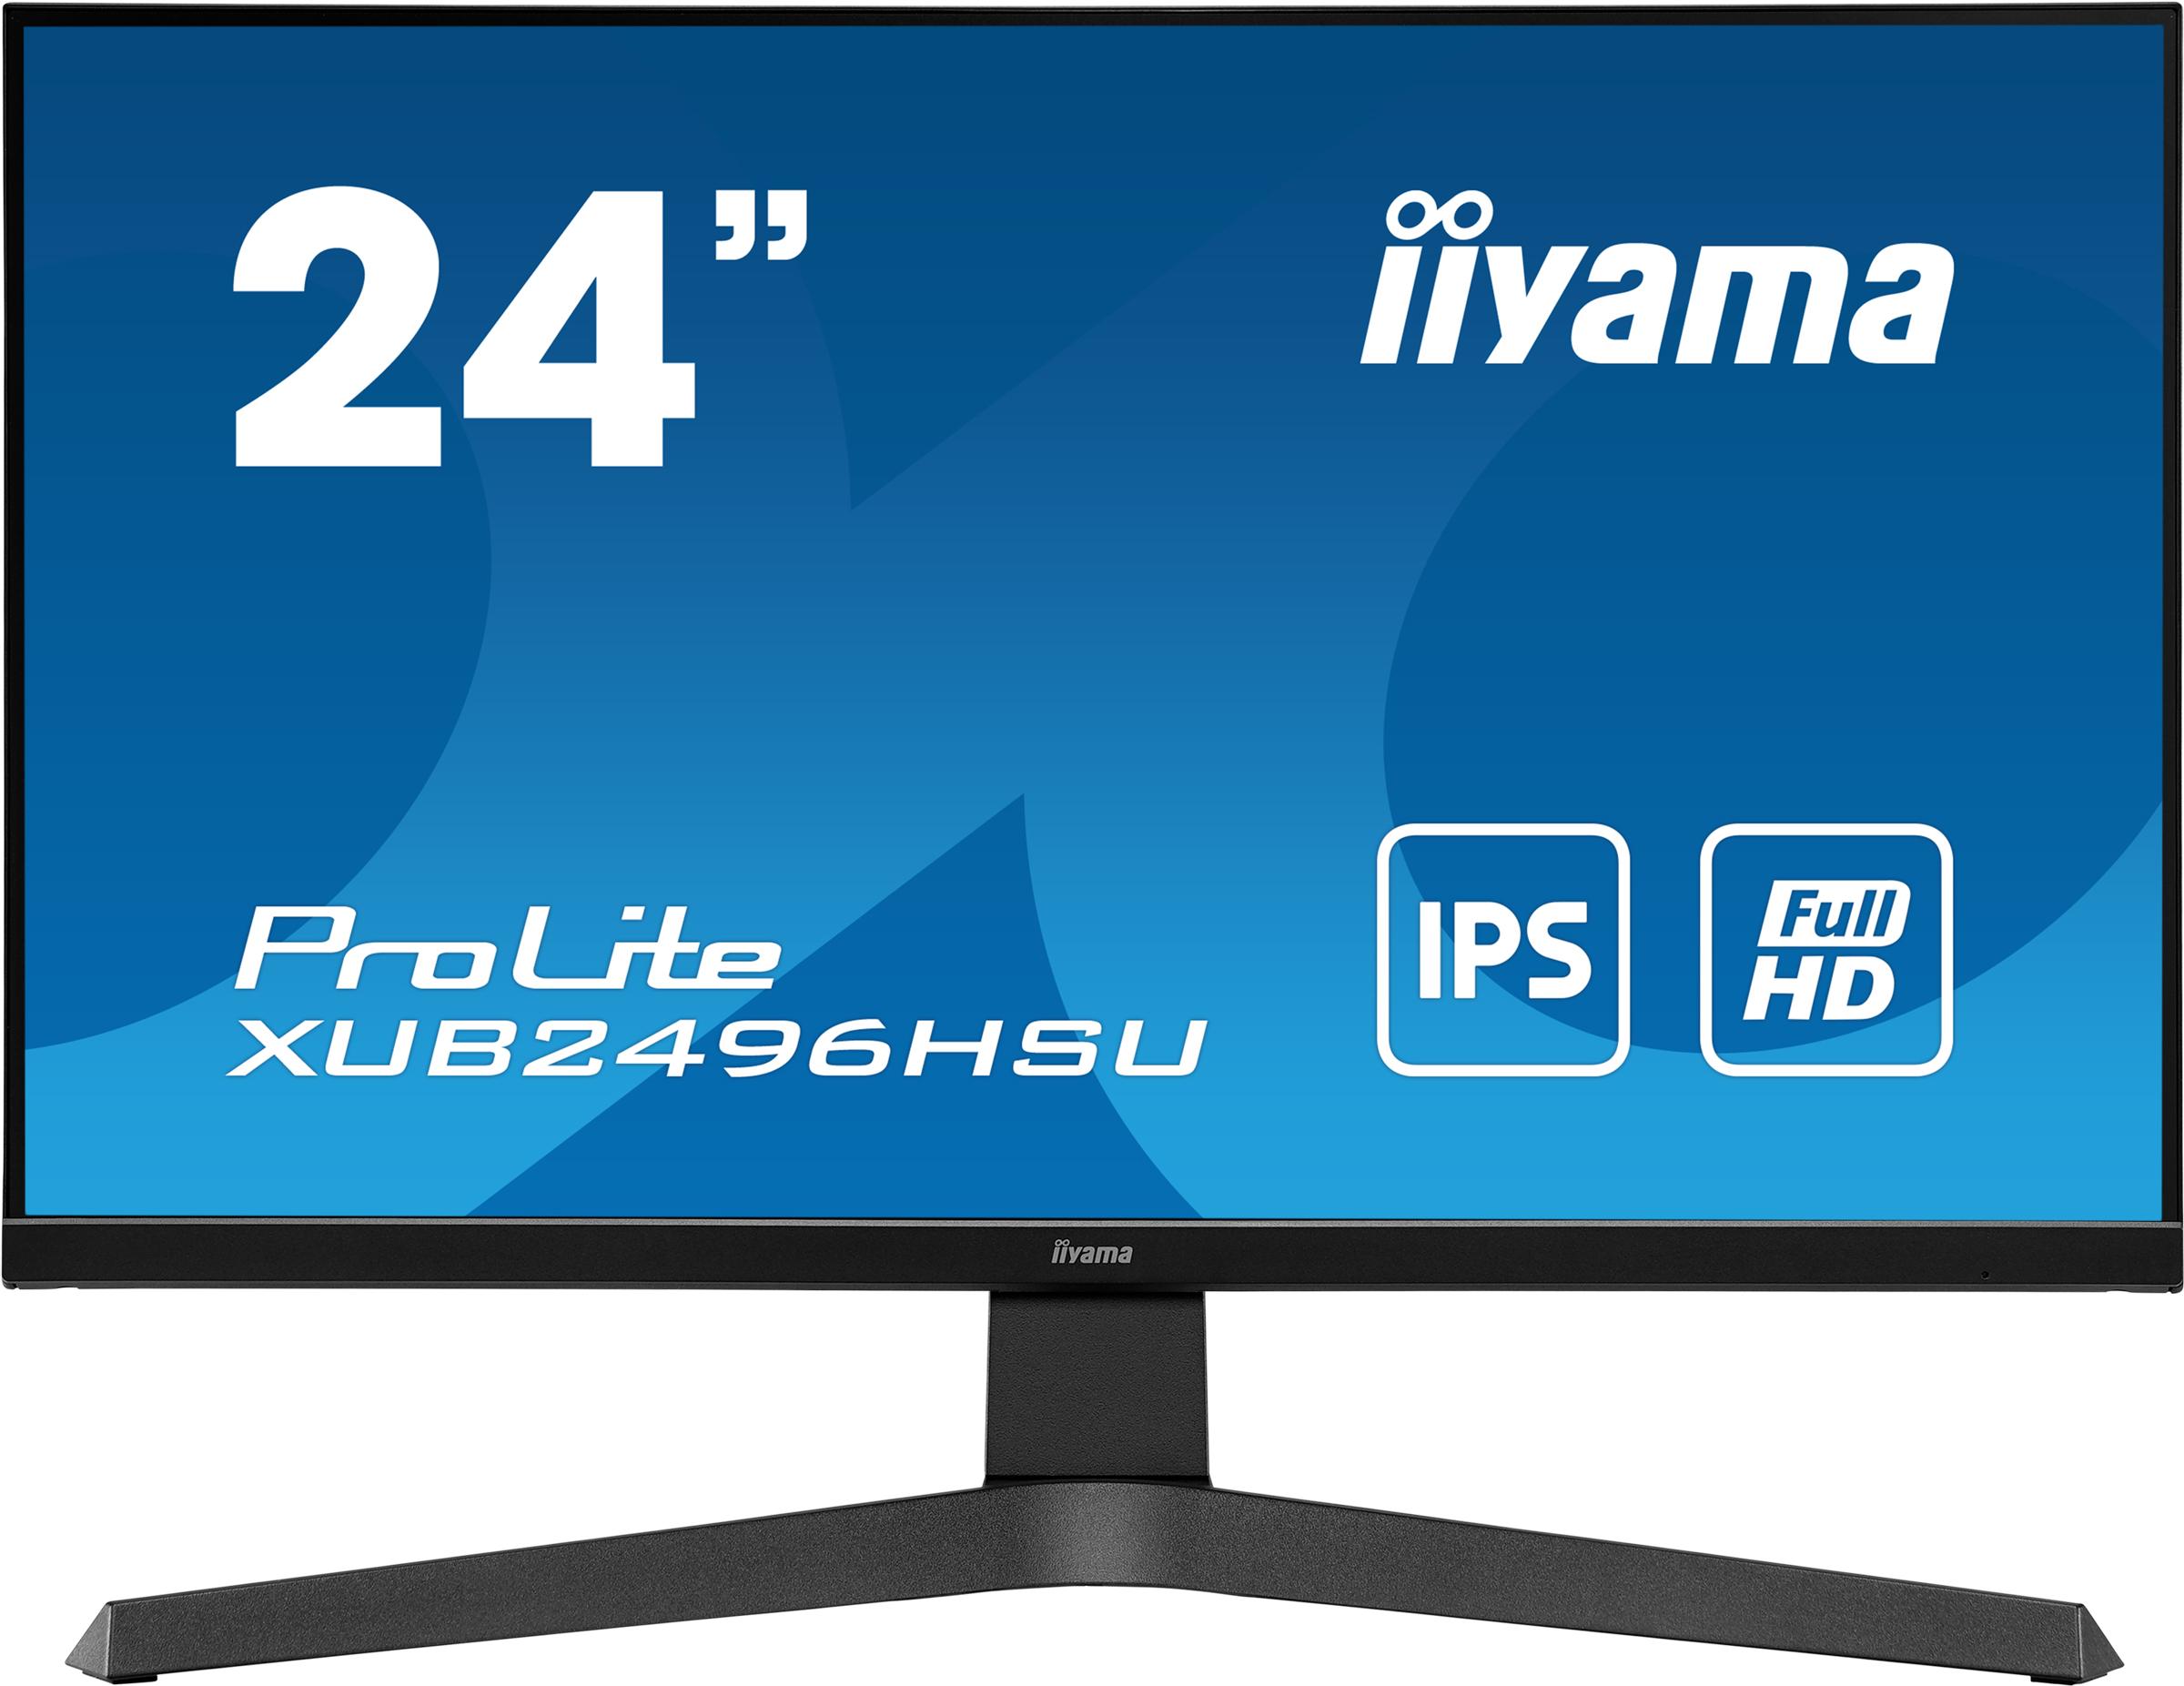 24'' iiyama XUB2496HSU-B1: IPS, FullHD@75Hz, 250cd/m2, 1ms, HDMI, DP, USB, height, pivot, černý - XUB2496HSU-B1